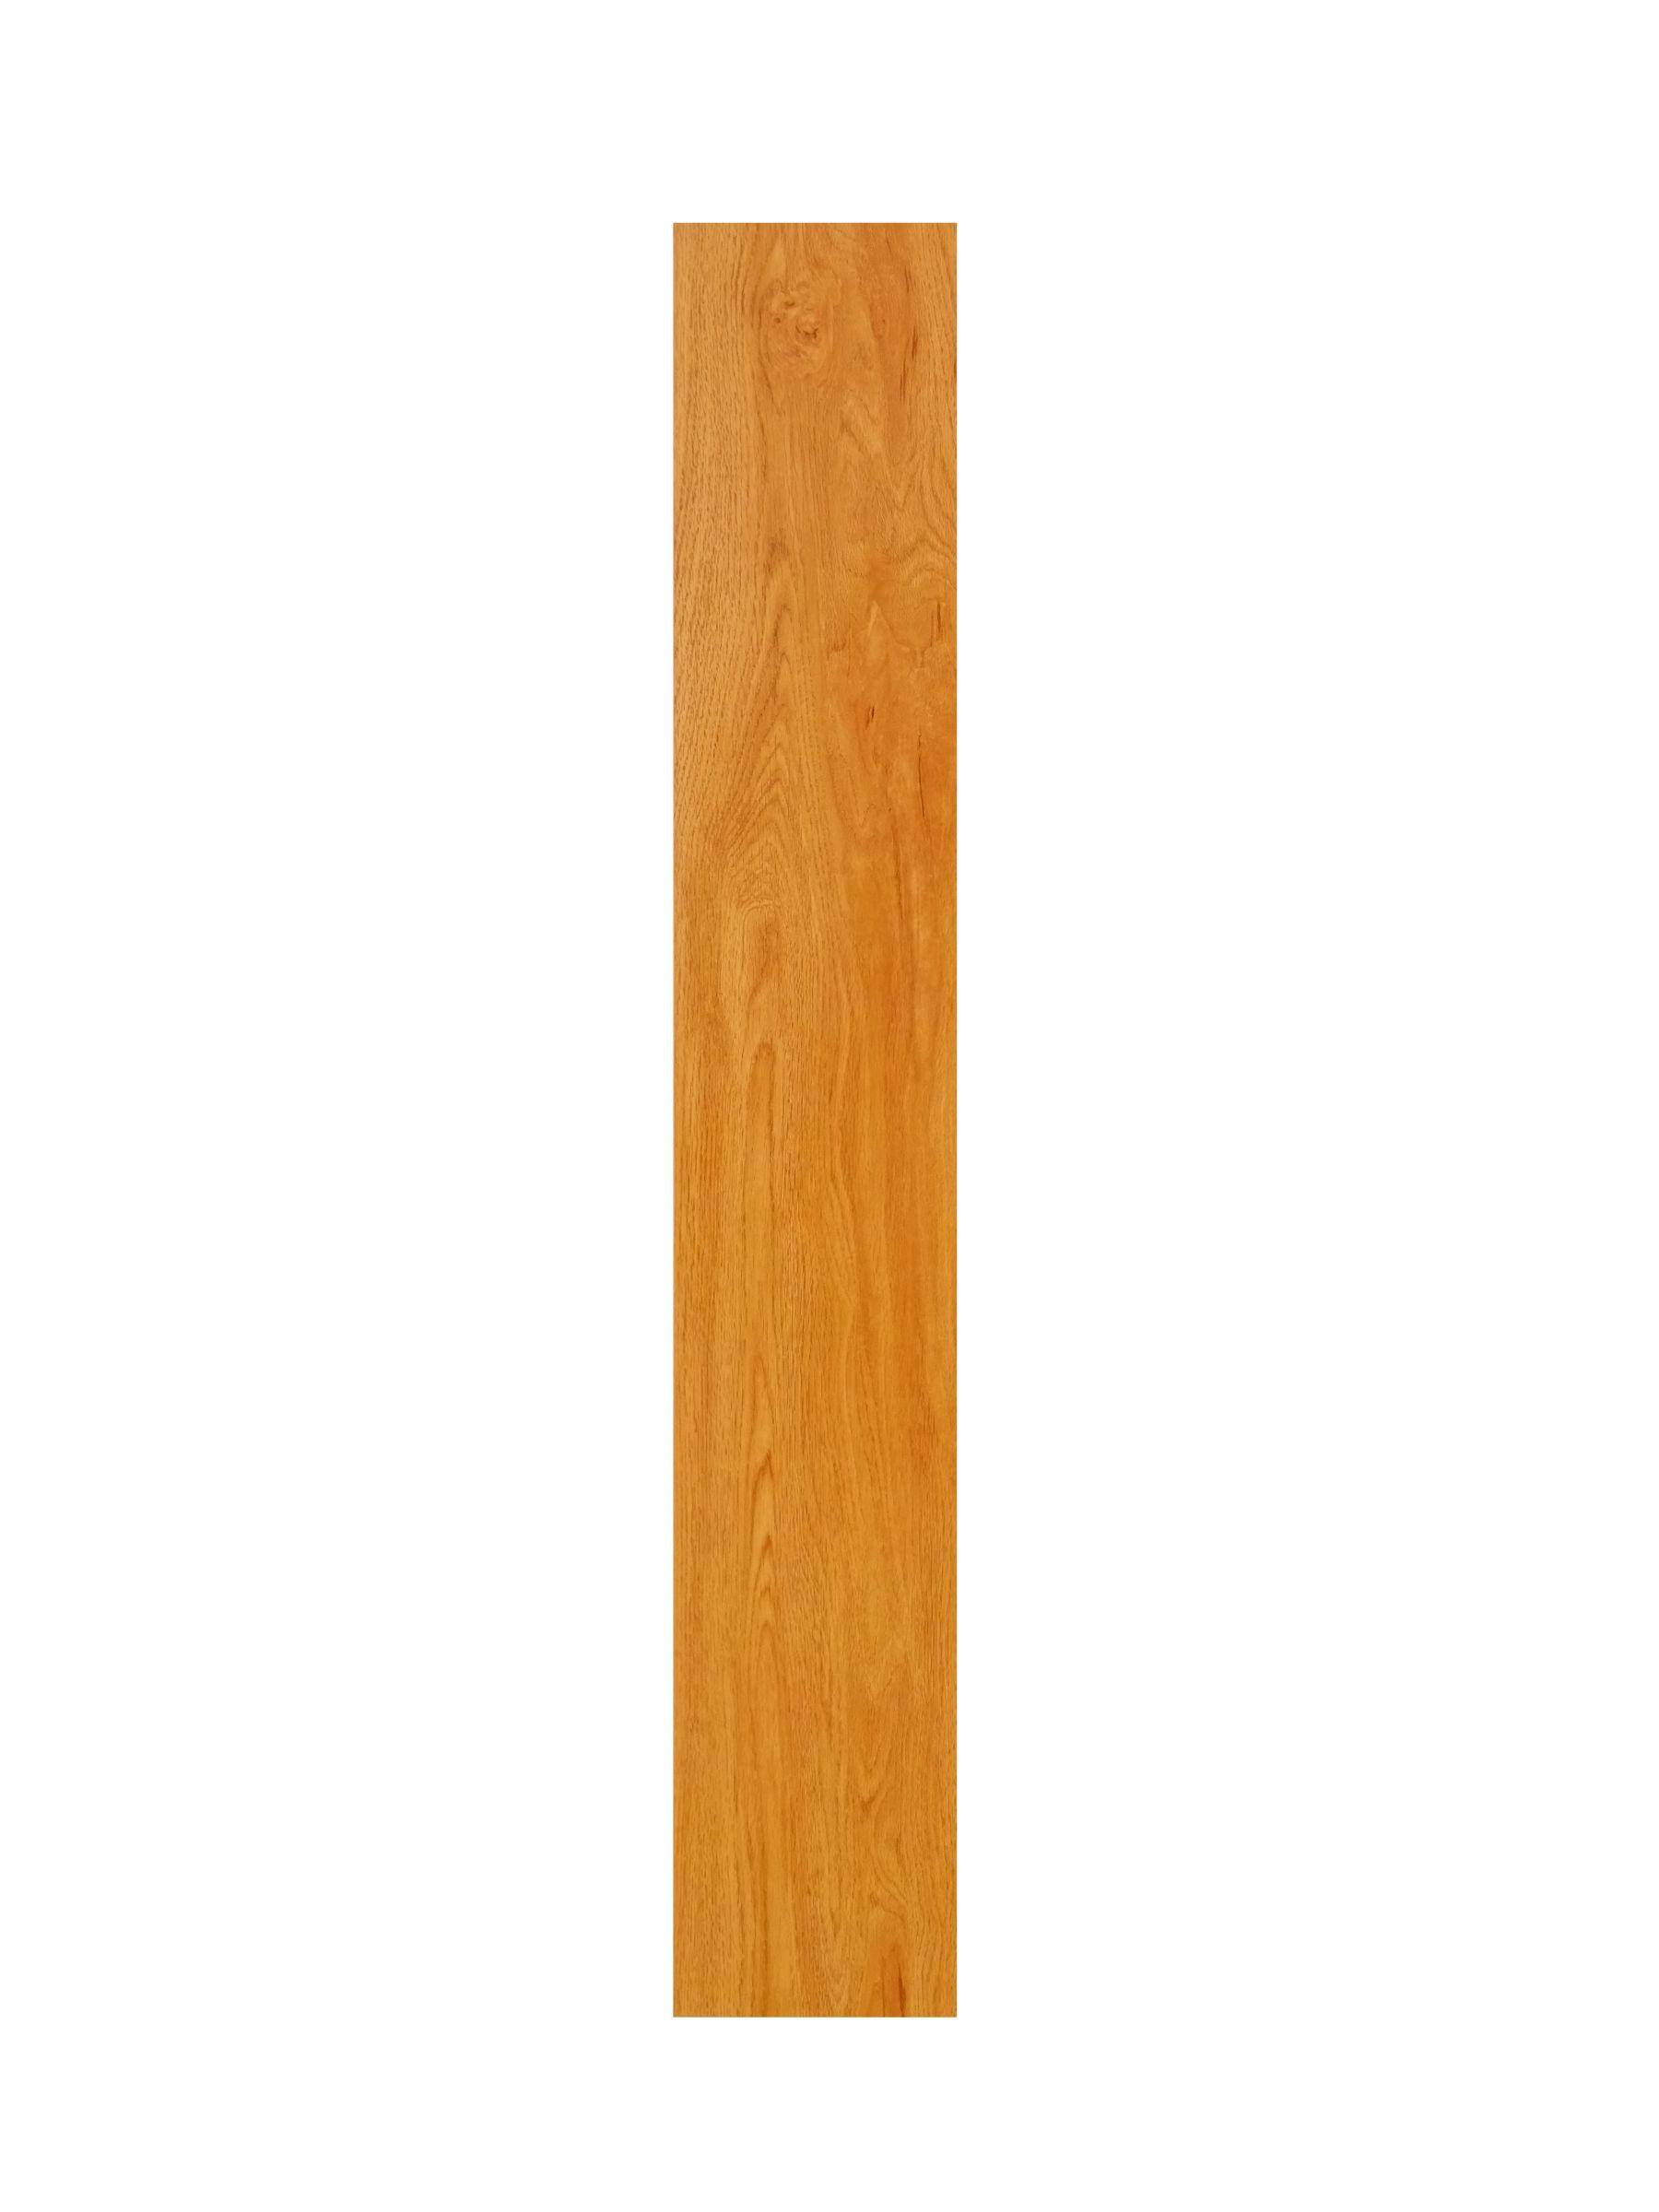 $ 5.290 m2 c/Iva Piso flotante Peral Biselado (2.40 m2) REUS